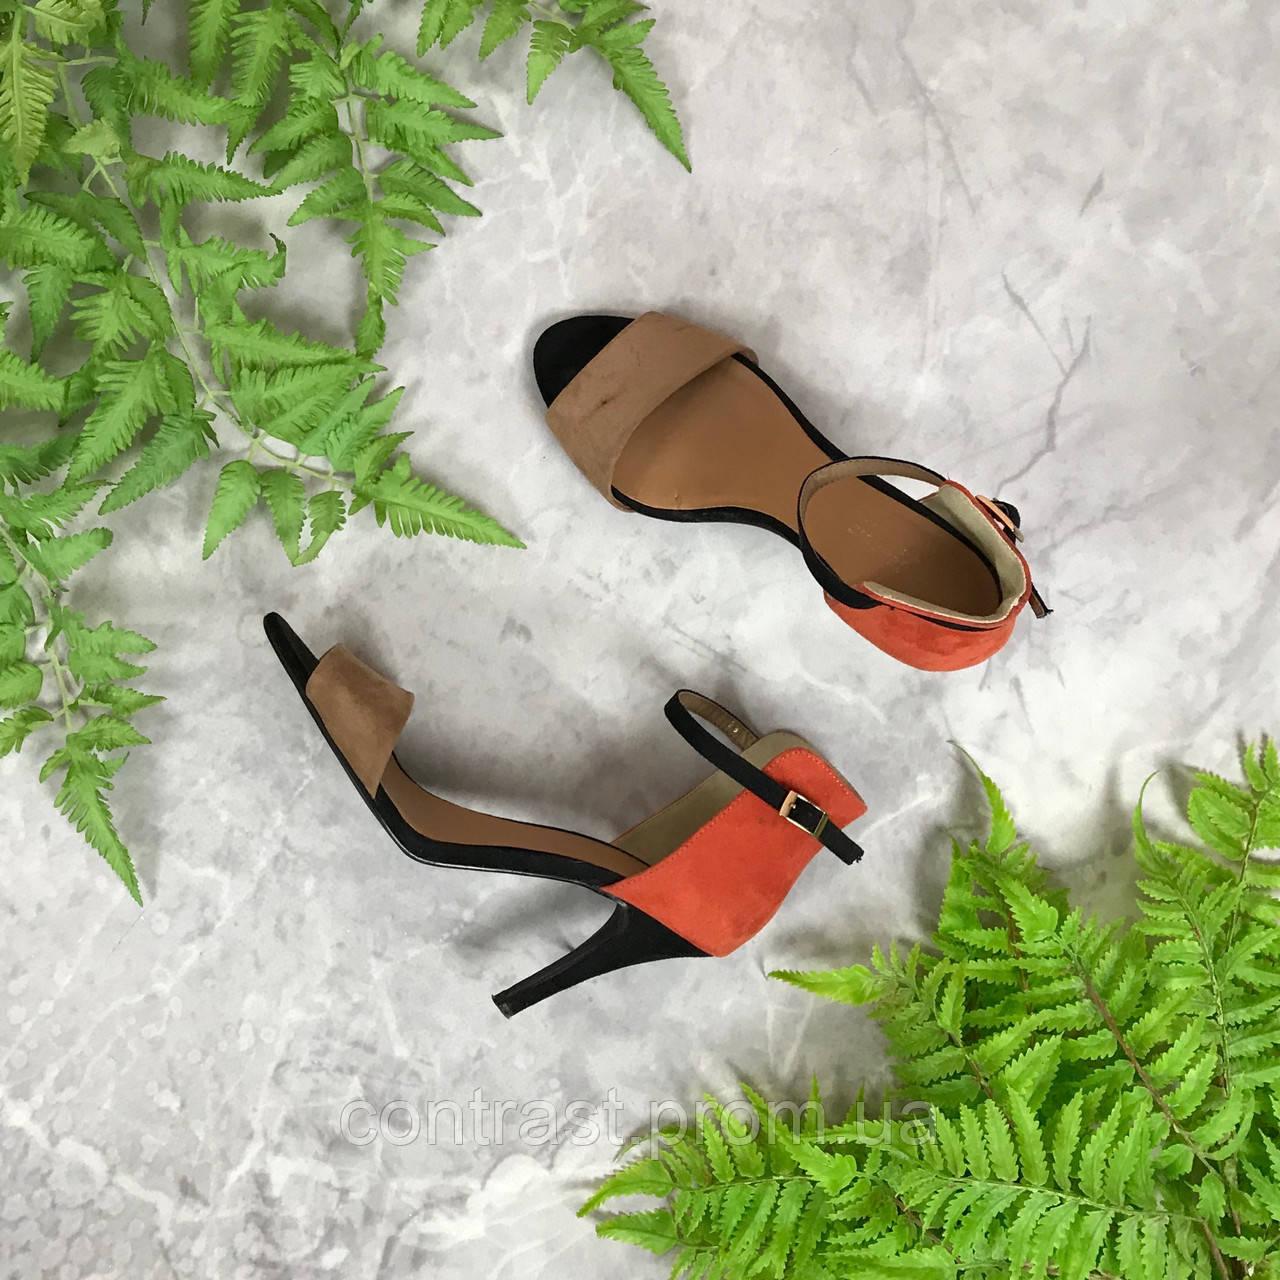 e84248a9f Комбинированные босоножки с застежкой на щиколотке SH1910100 - Интернет  Магазин стильной одежды shopagolic. Сток и